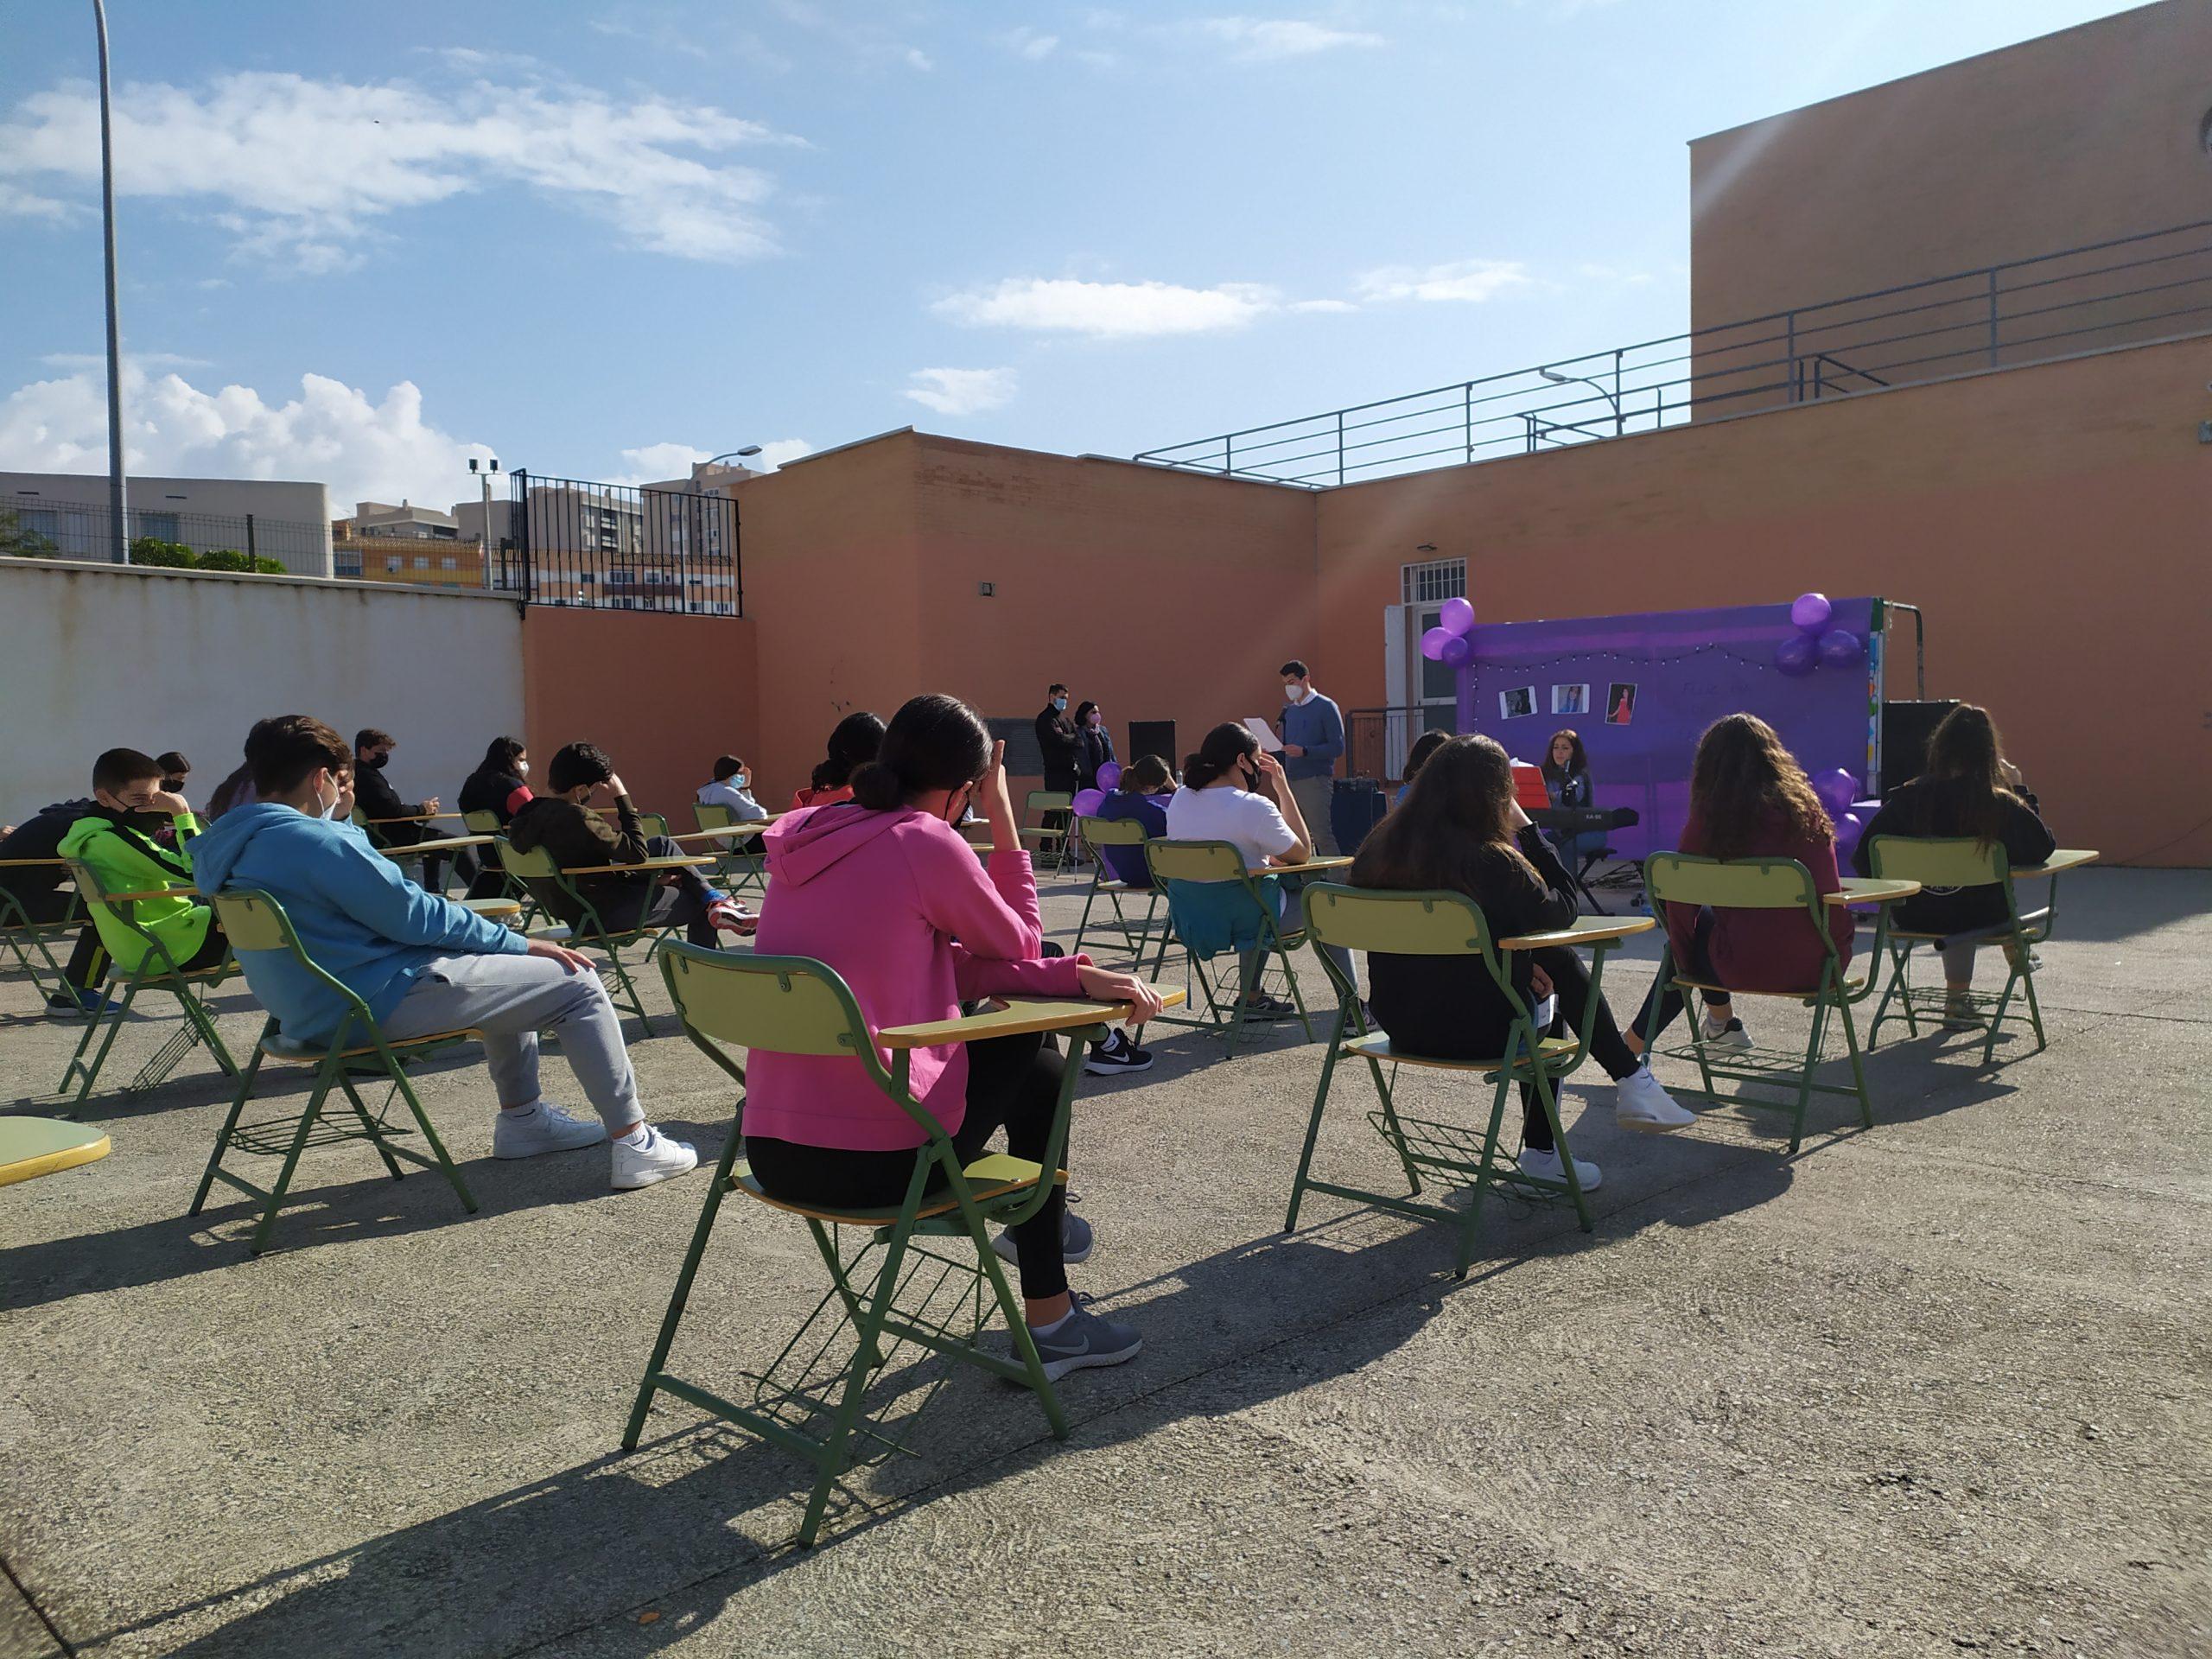 Celebración del día de la Mujer - IES Francisco Giner de los Ríos - Motril